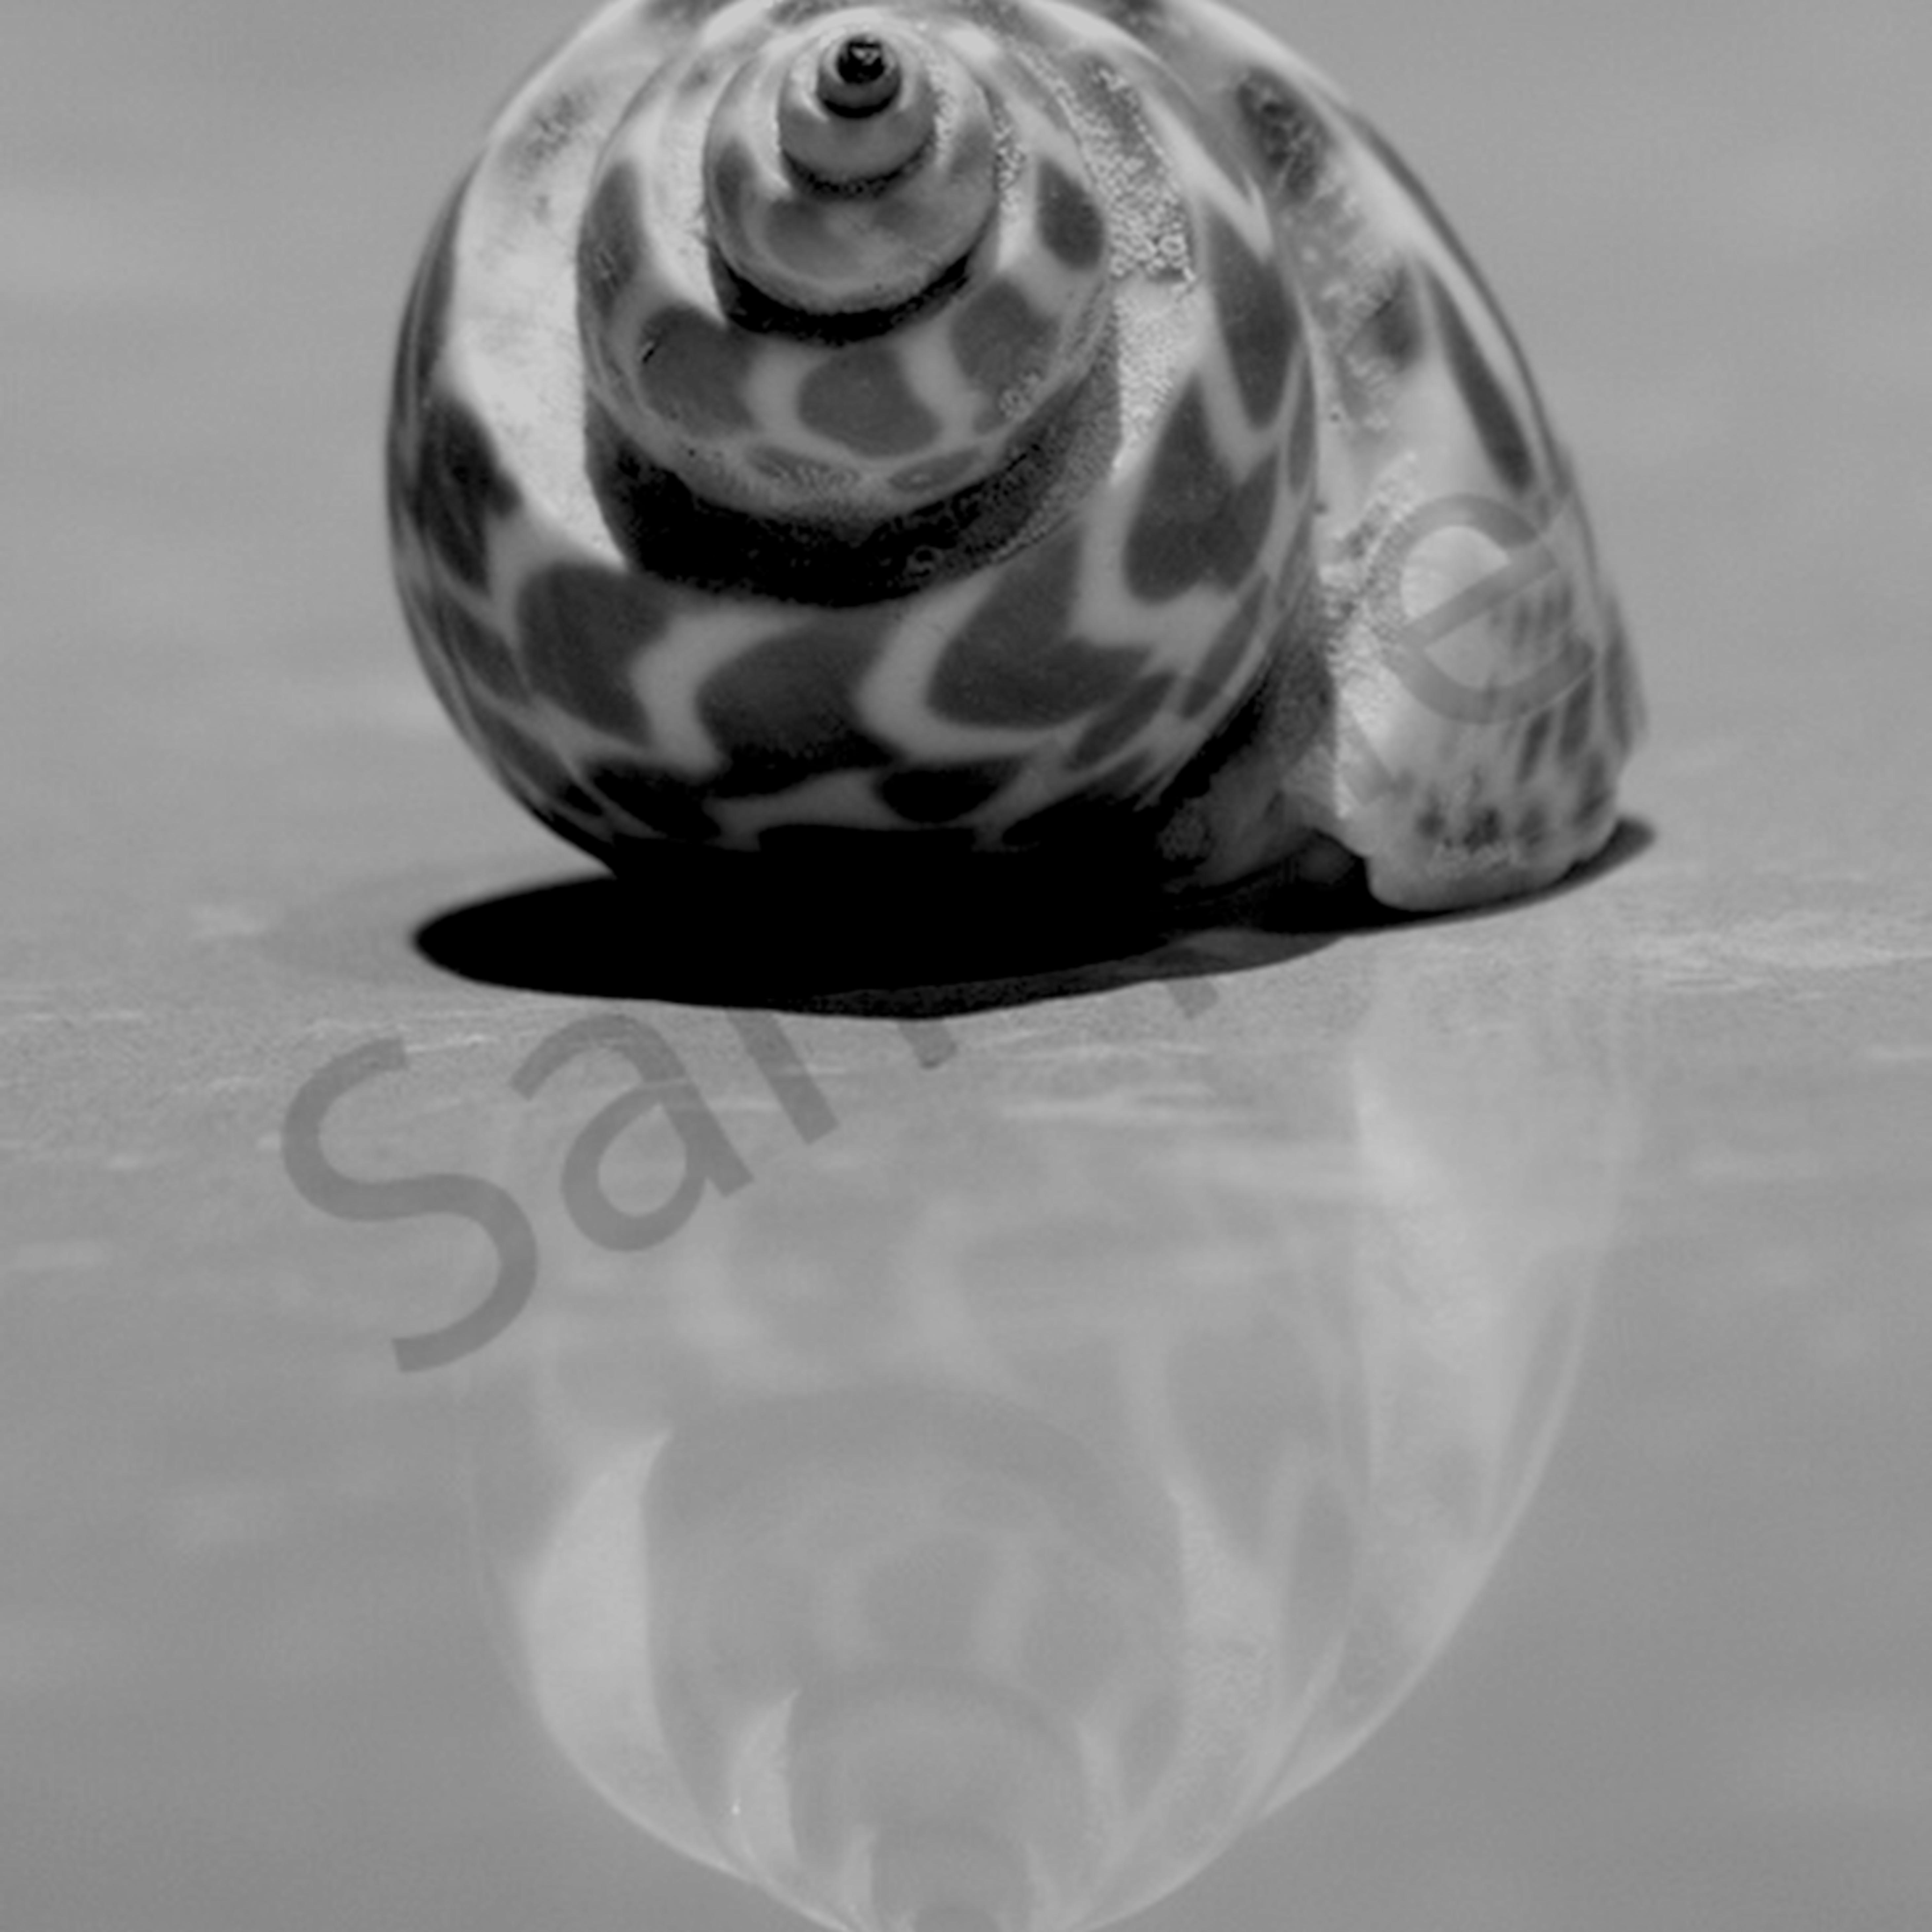 Shell larrain flntqz